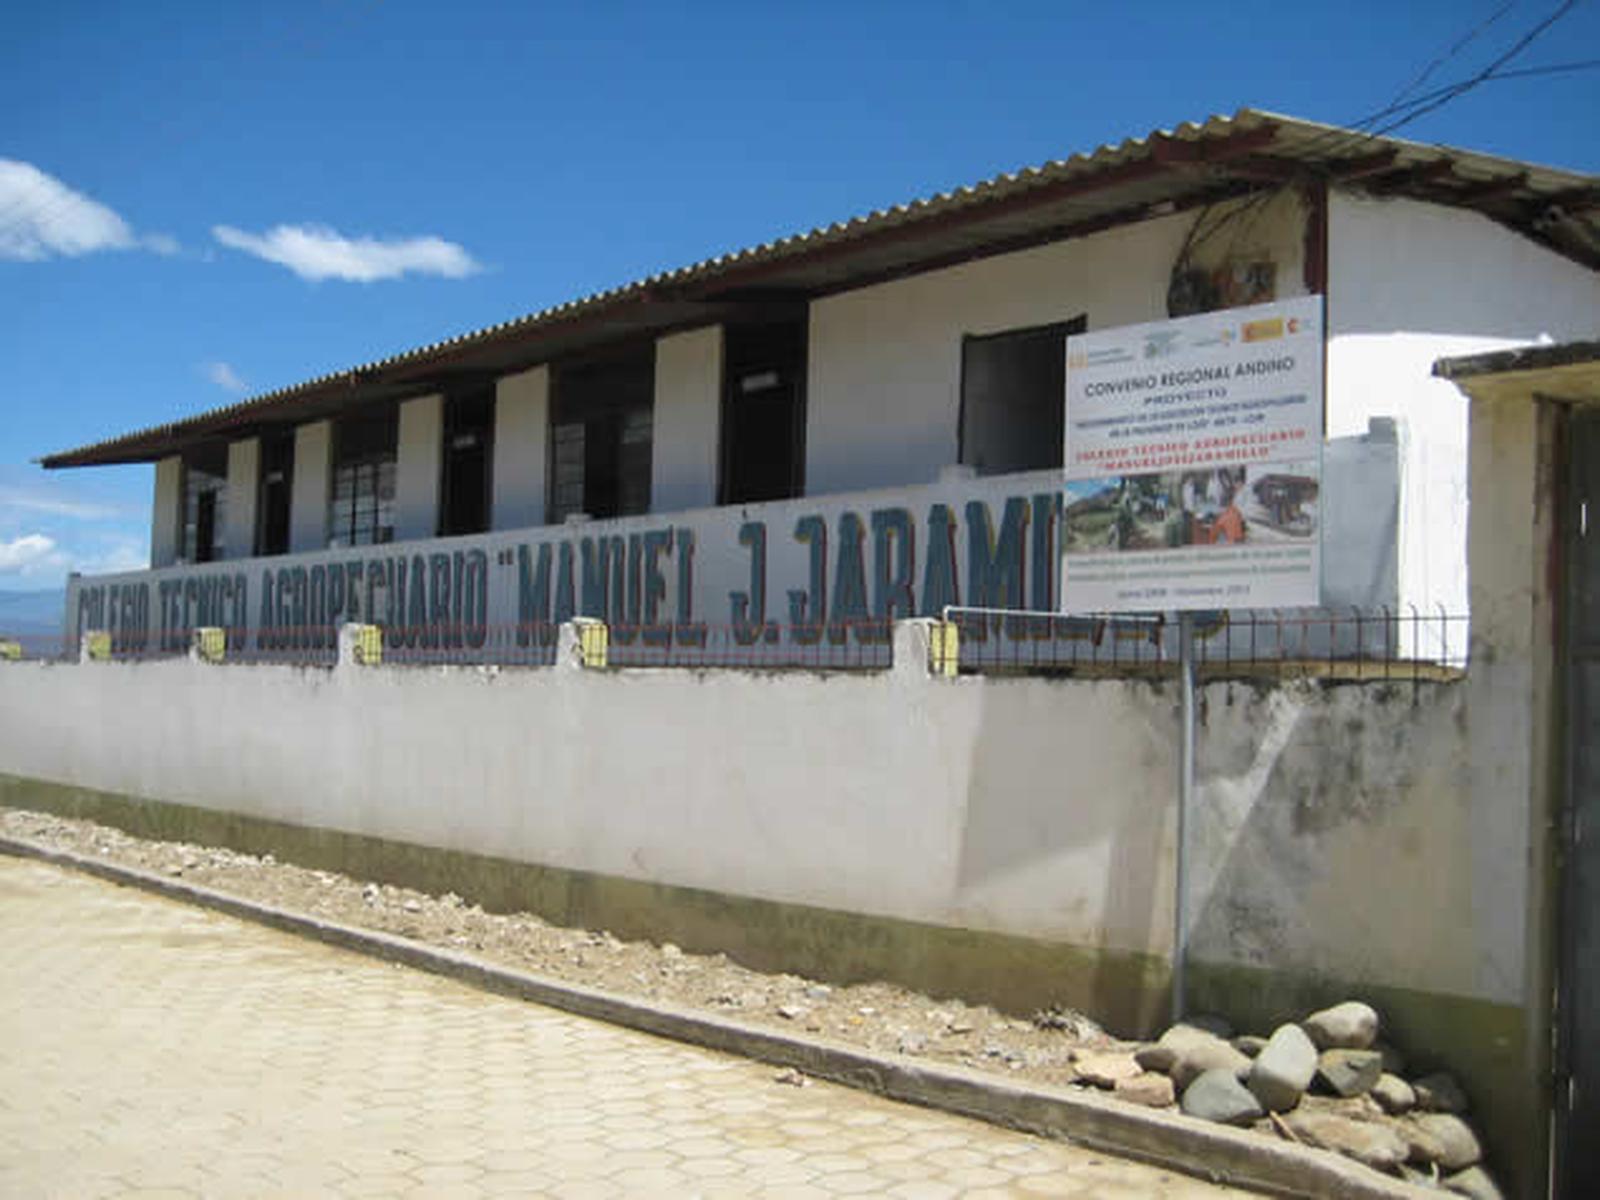 Colegio técnico agropecuario de la zona